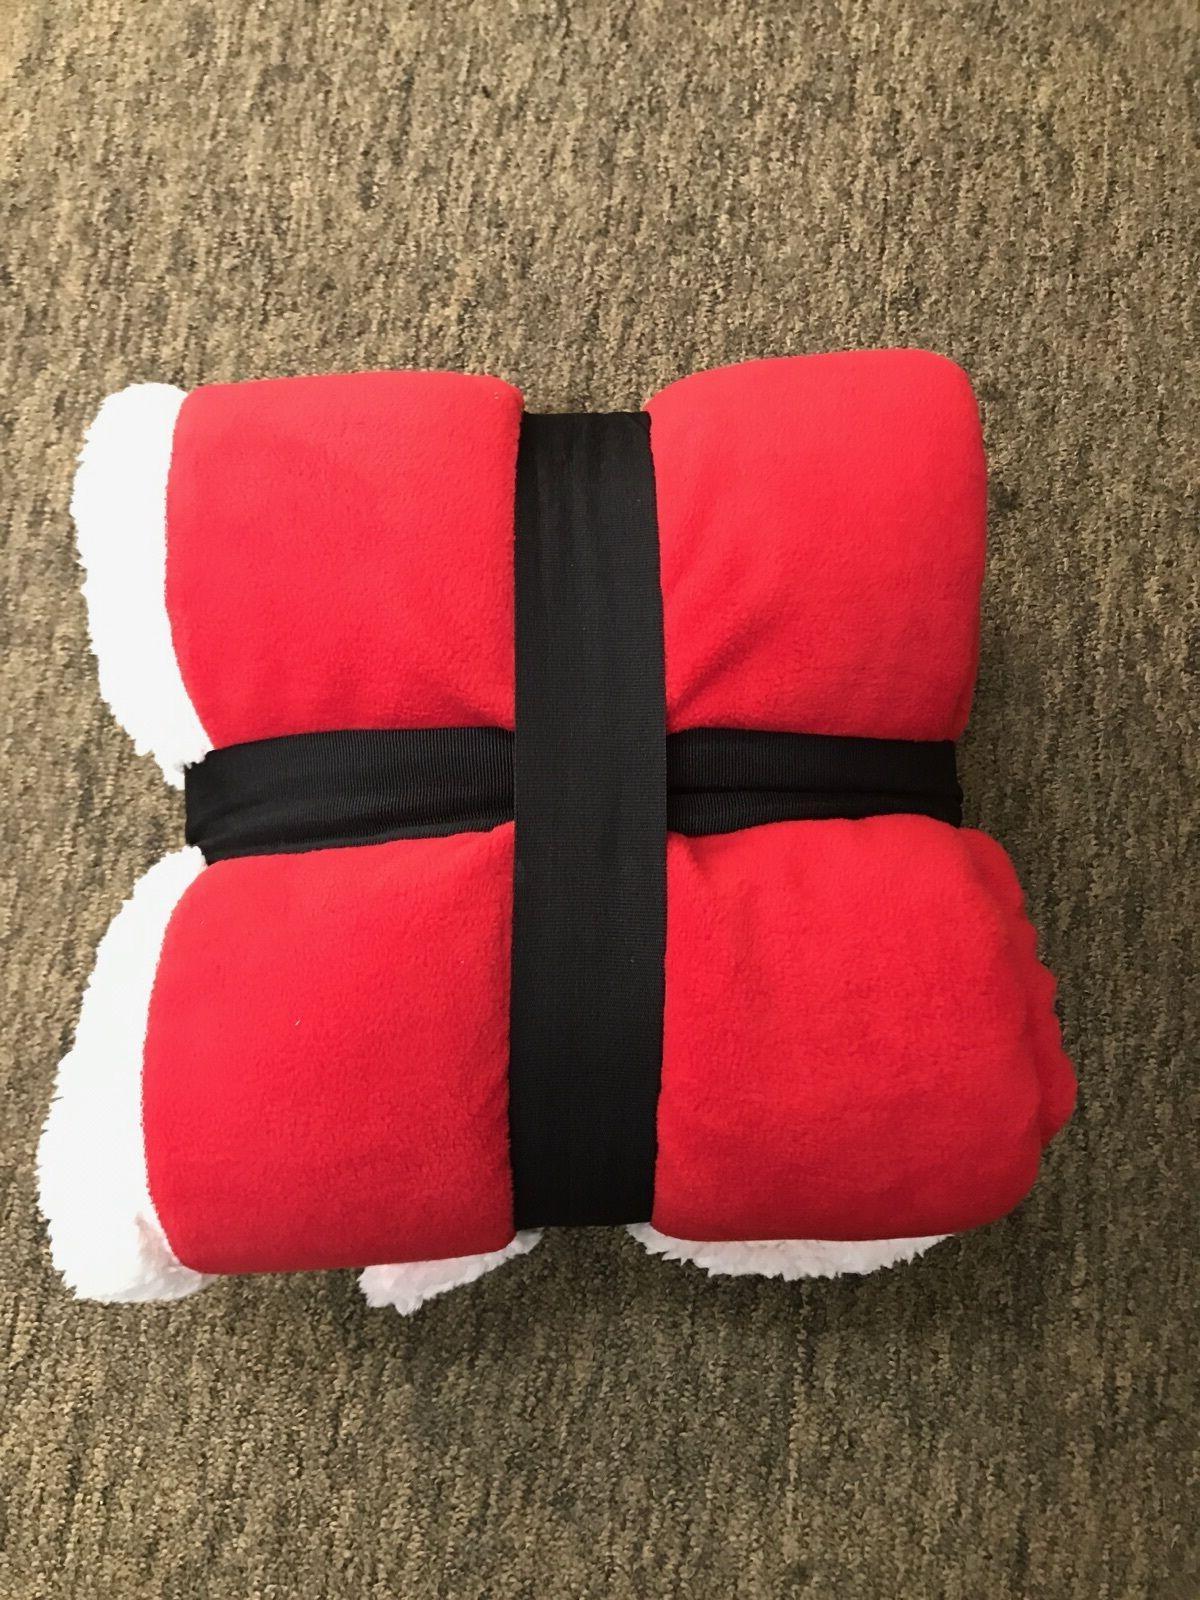 Cabela's Microfleece Throw Blanket Red/White XMAS